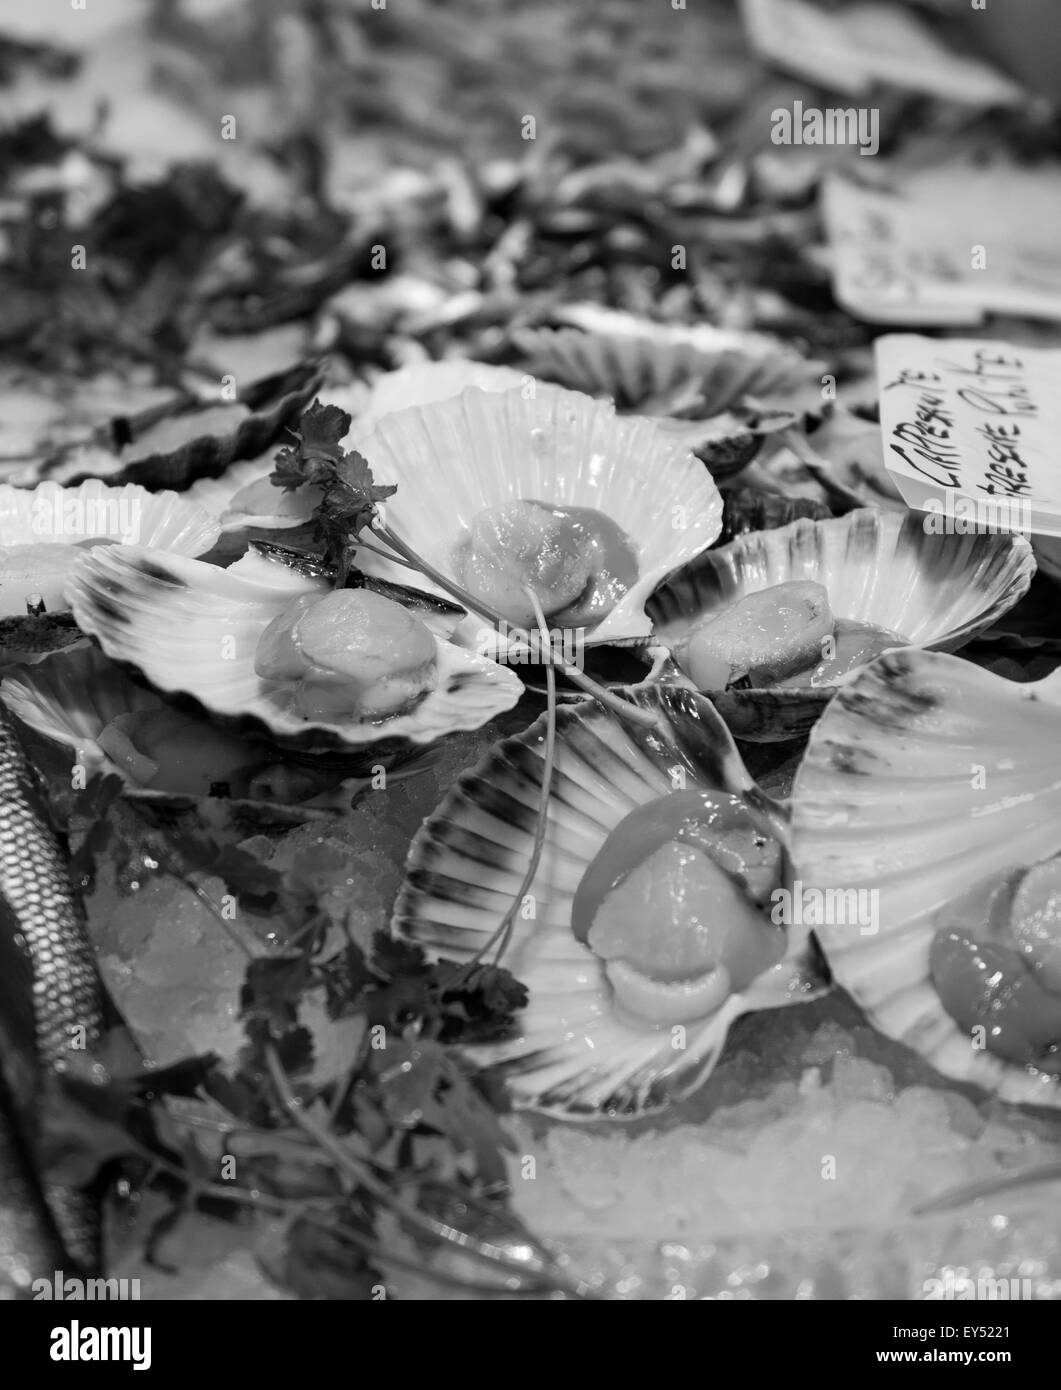 Mercato di Rialto Fresh Fish Market, Scallops, Venice, Italy - Stock Image